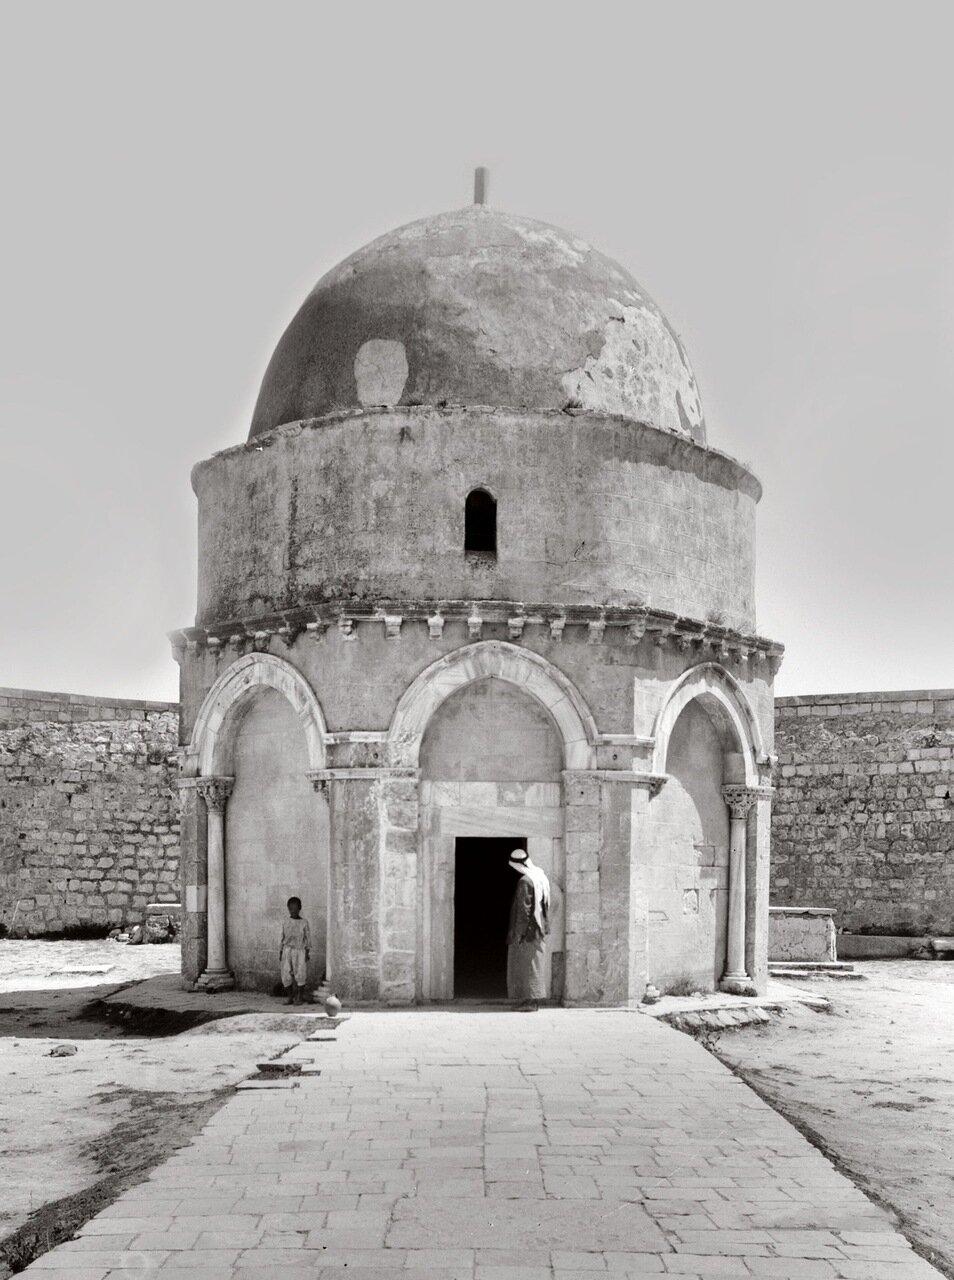 Купол Вознесения (Кубба́т аль-Мирадж), Иерусалим. Палестина 1900-1920 гг.